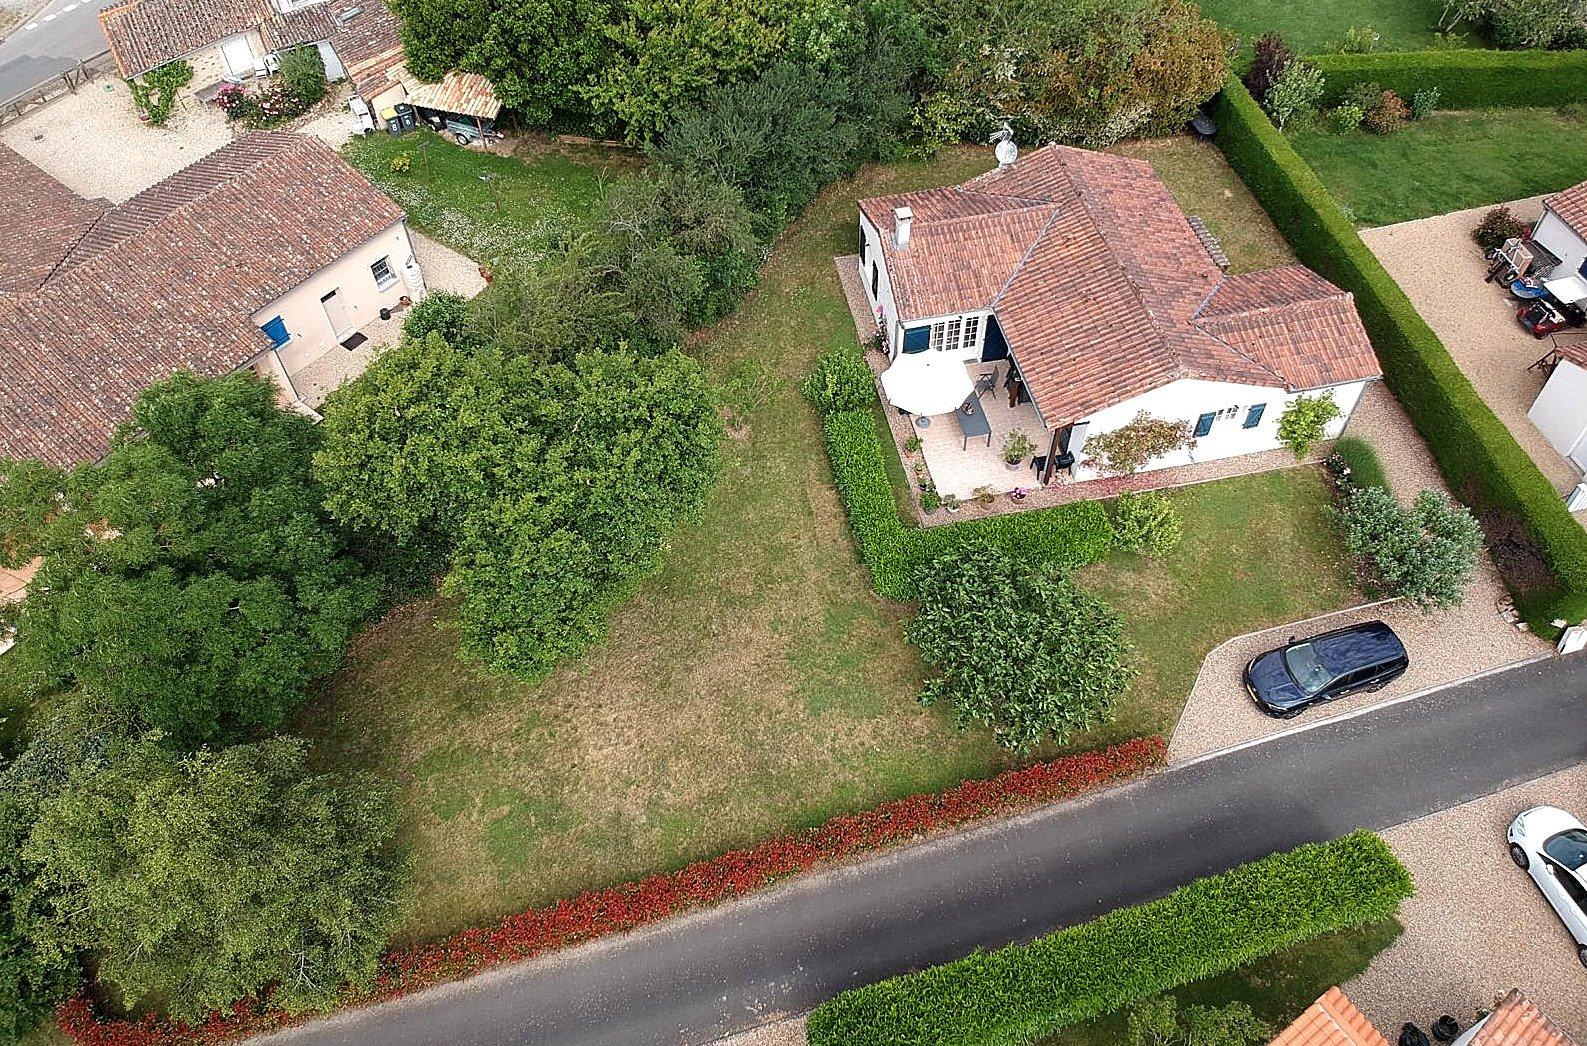 Deux-Sevres (79), golf Les Forges: bungalow in a quiet spot